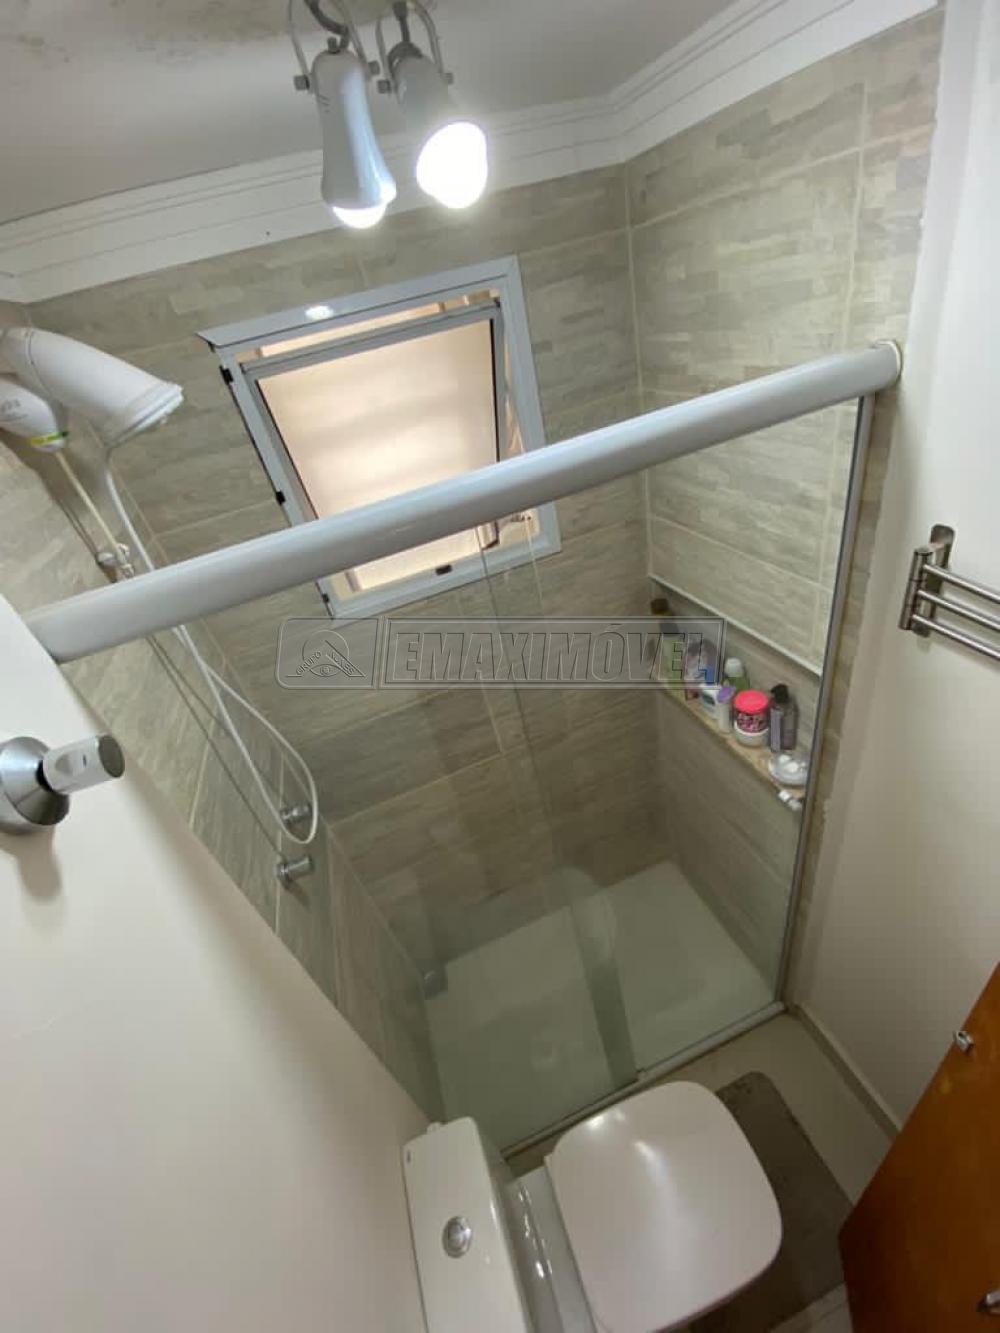 Comprar Apartamento / Padrão em Sorocaba R$ 180.000,00 - Foto 9